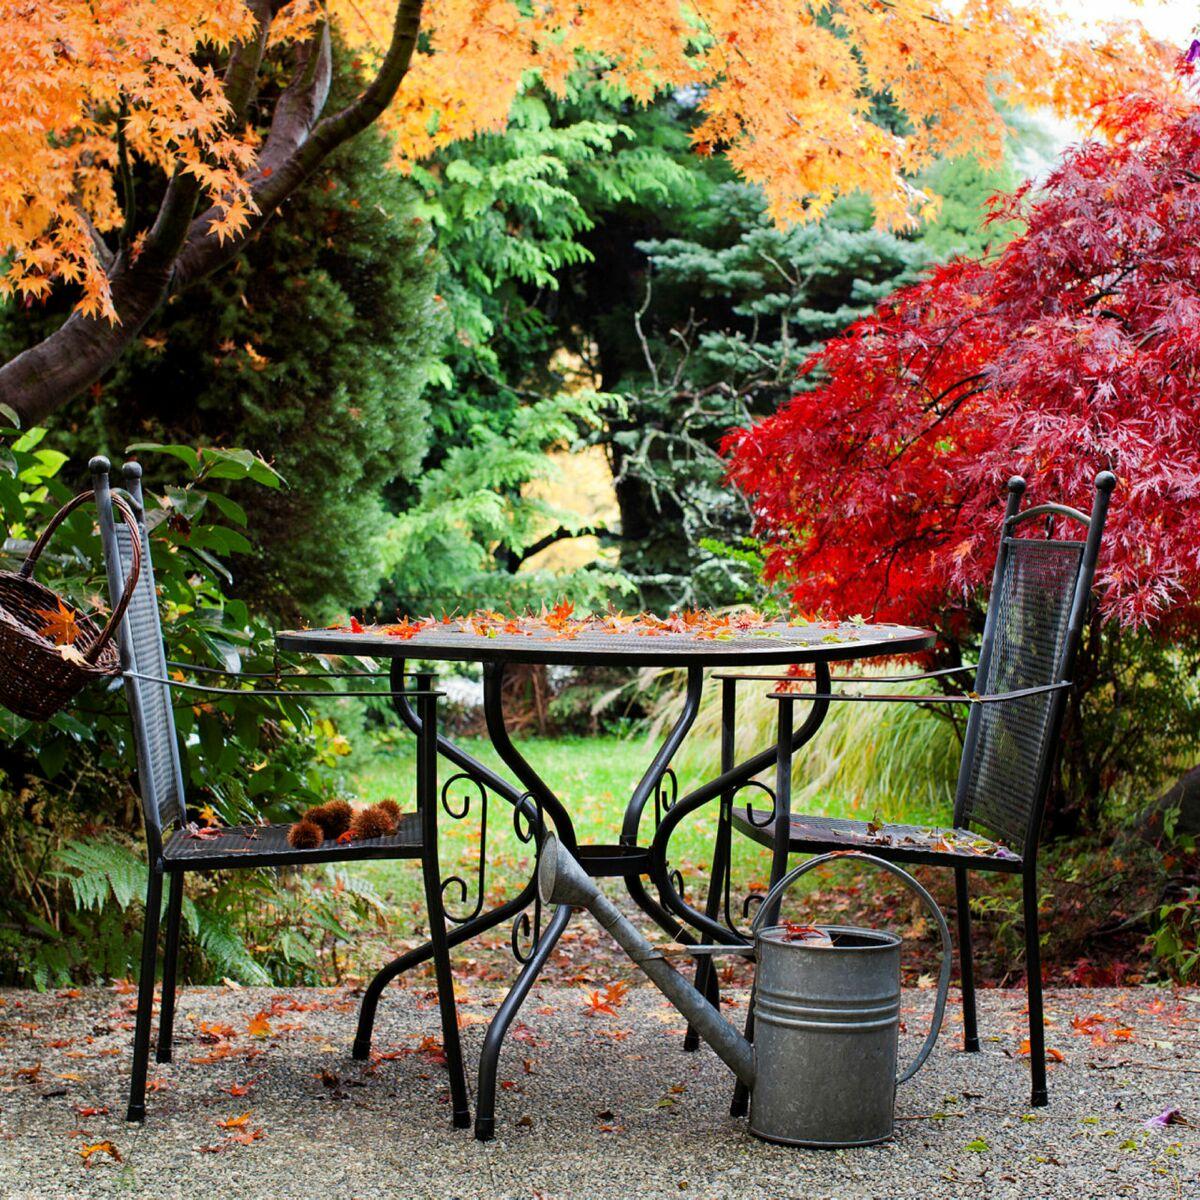 Arbuste Persistant Pour Pot arbres et arbustes : nos conseils pour bien les choisir et